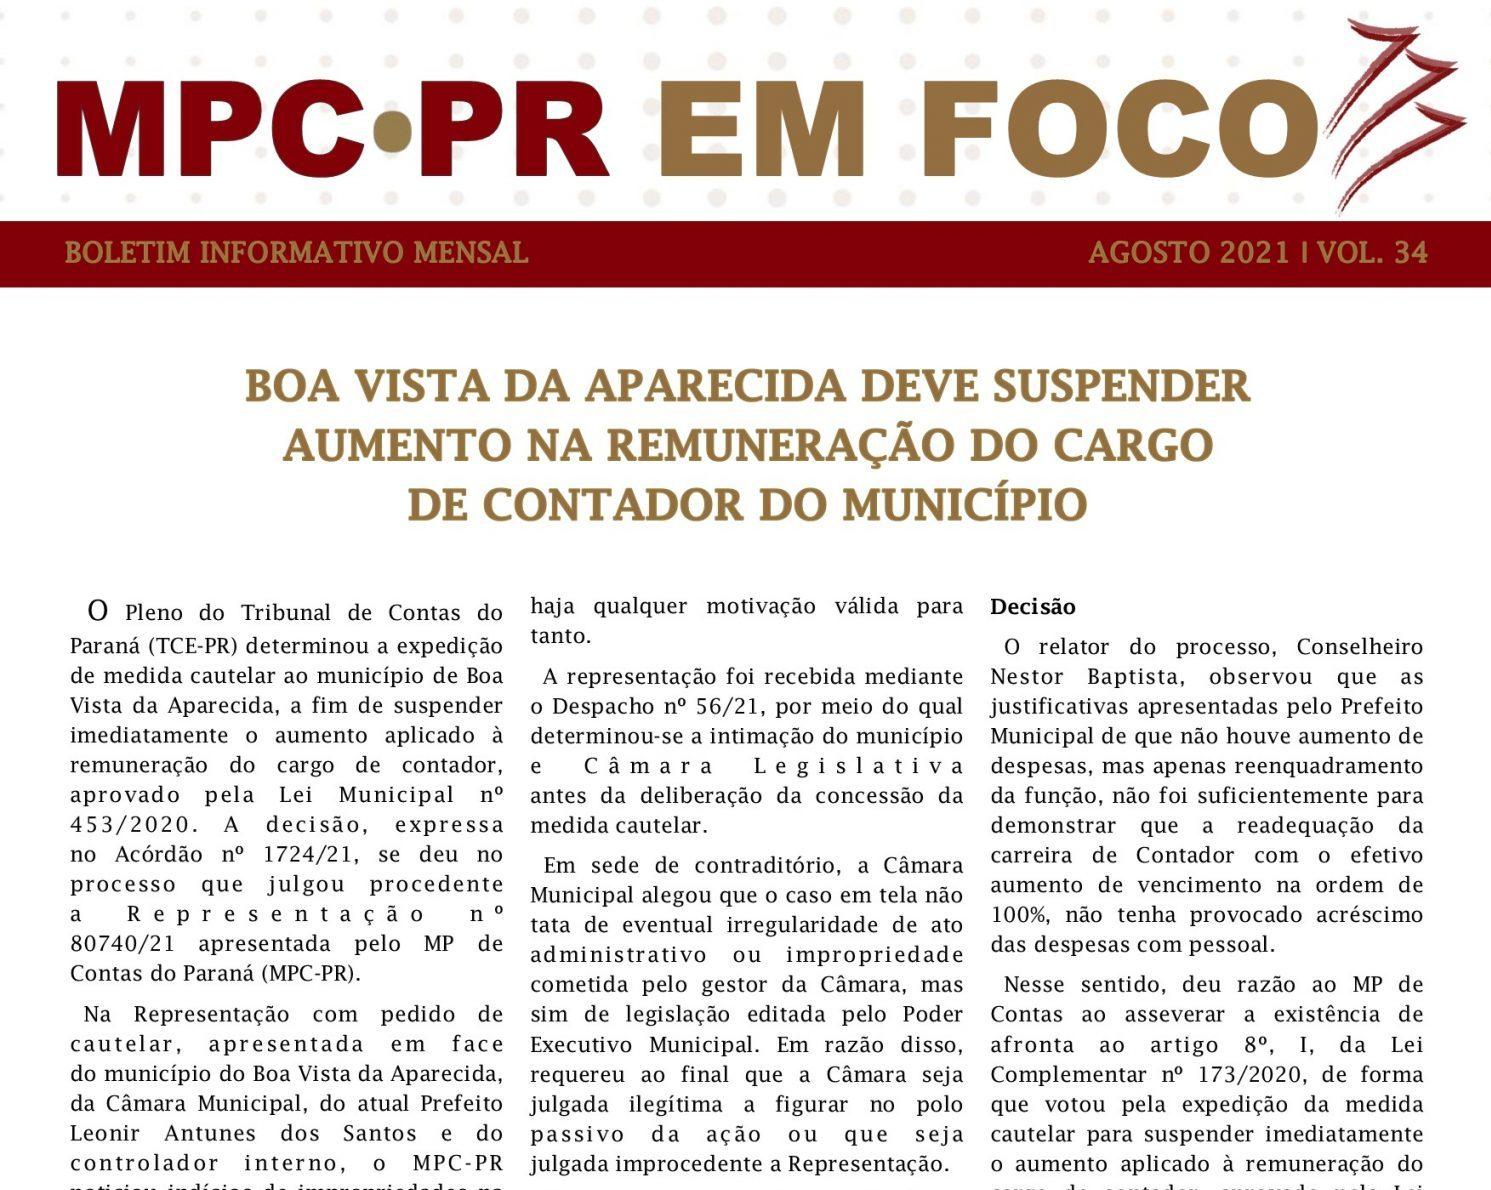 Boletim Informativo MPC-PR em Foco agosto/2021